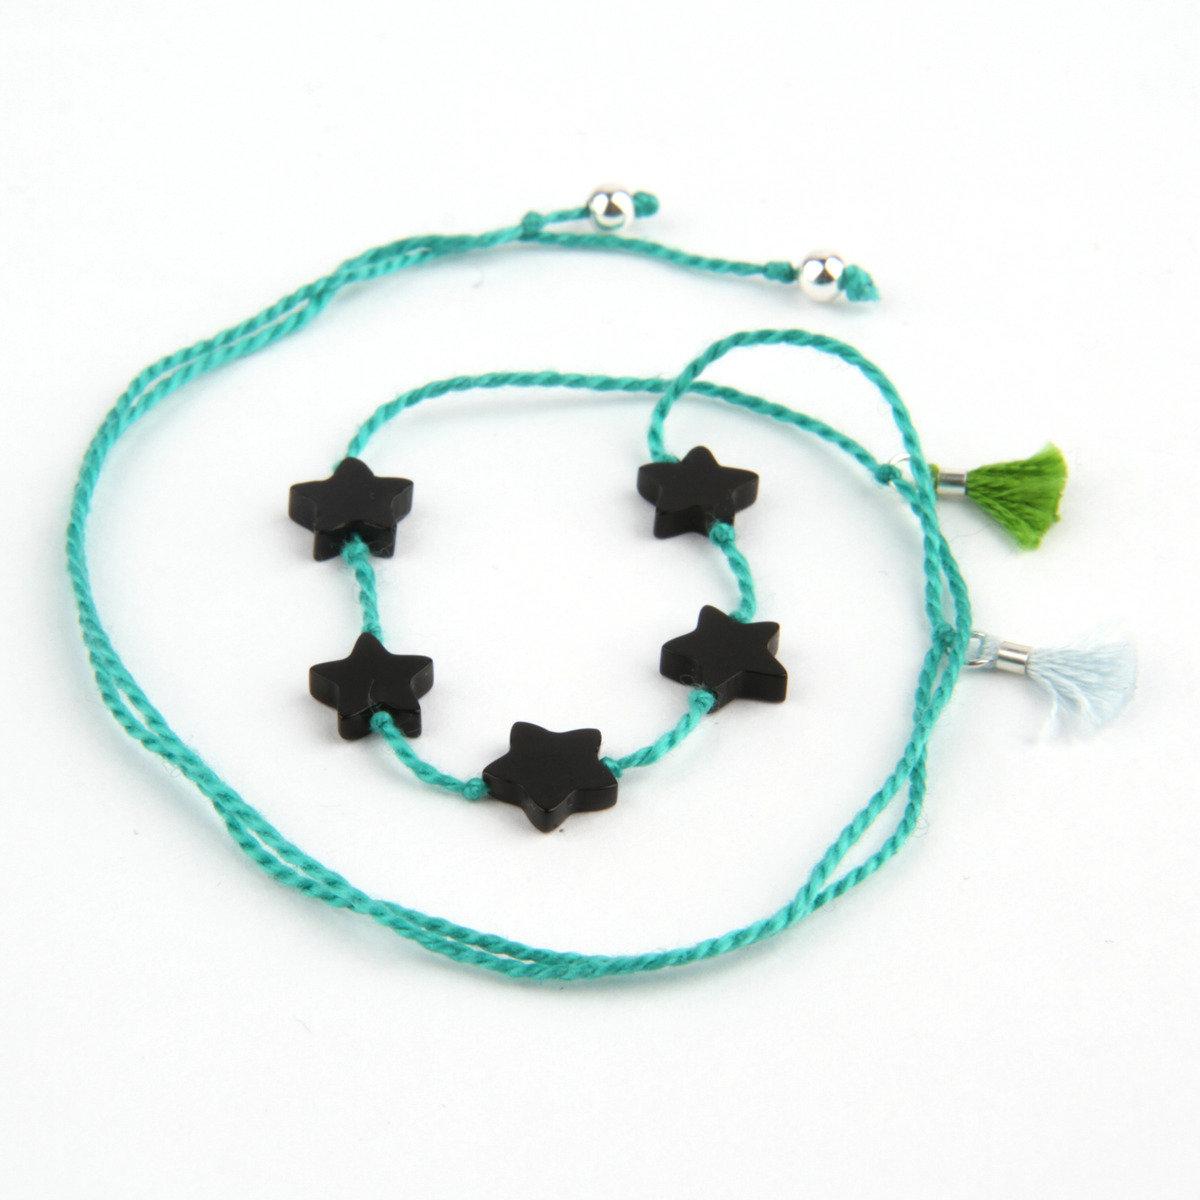 簡約綠色縞瑪瑙手繩_BRNE5E123GE